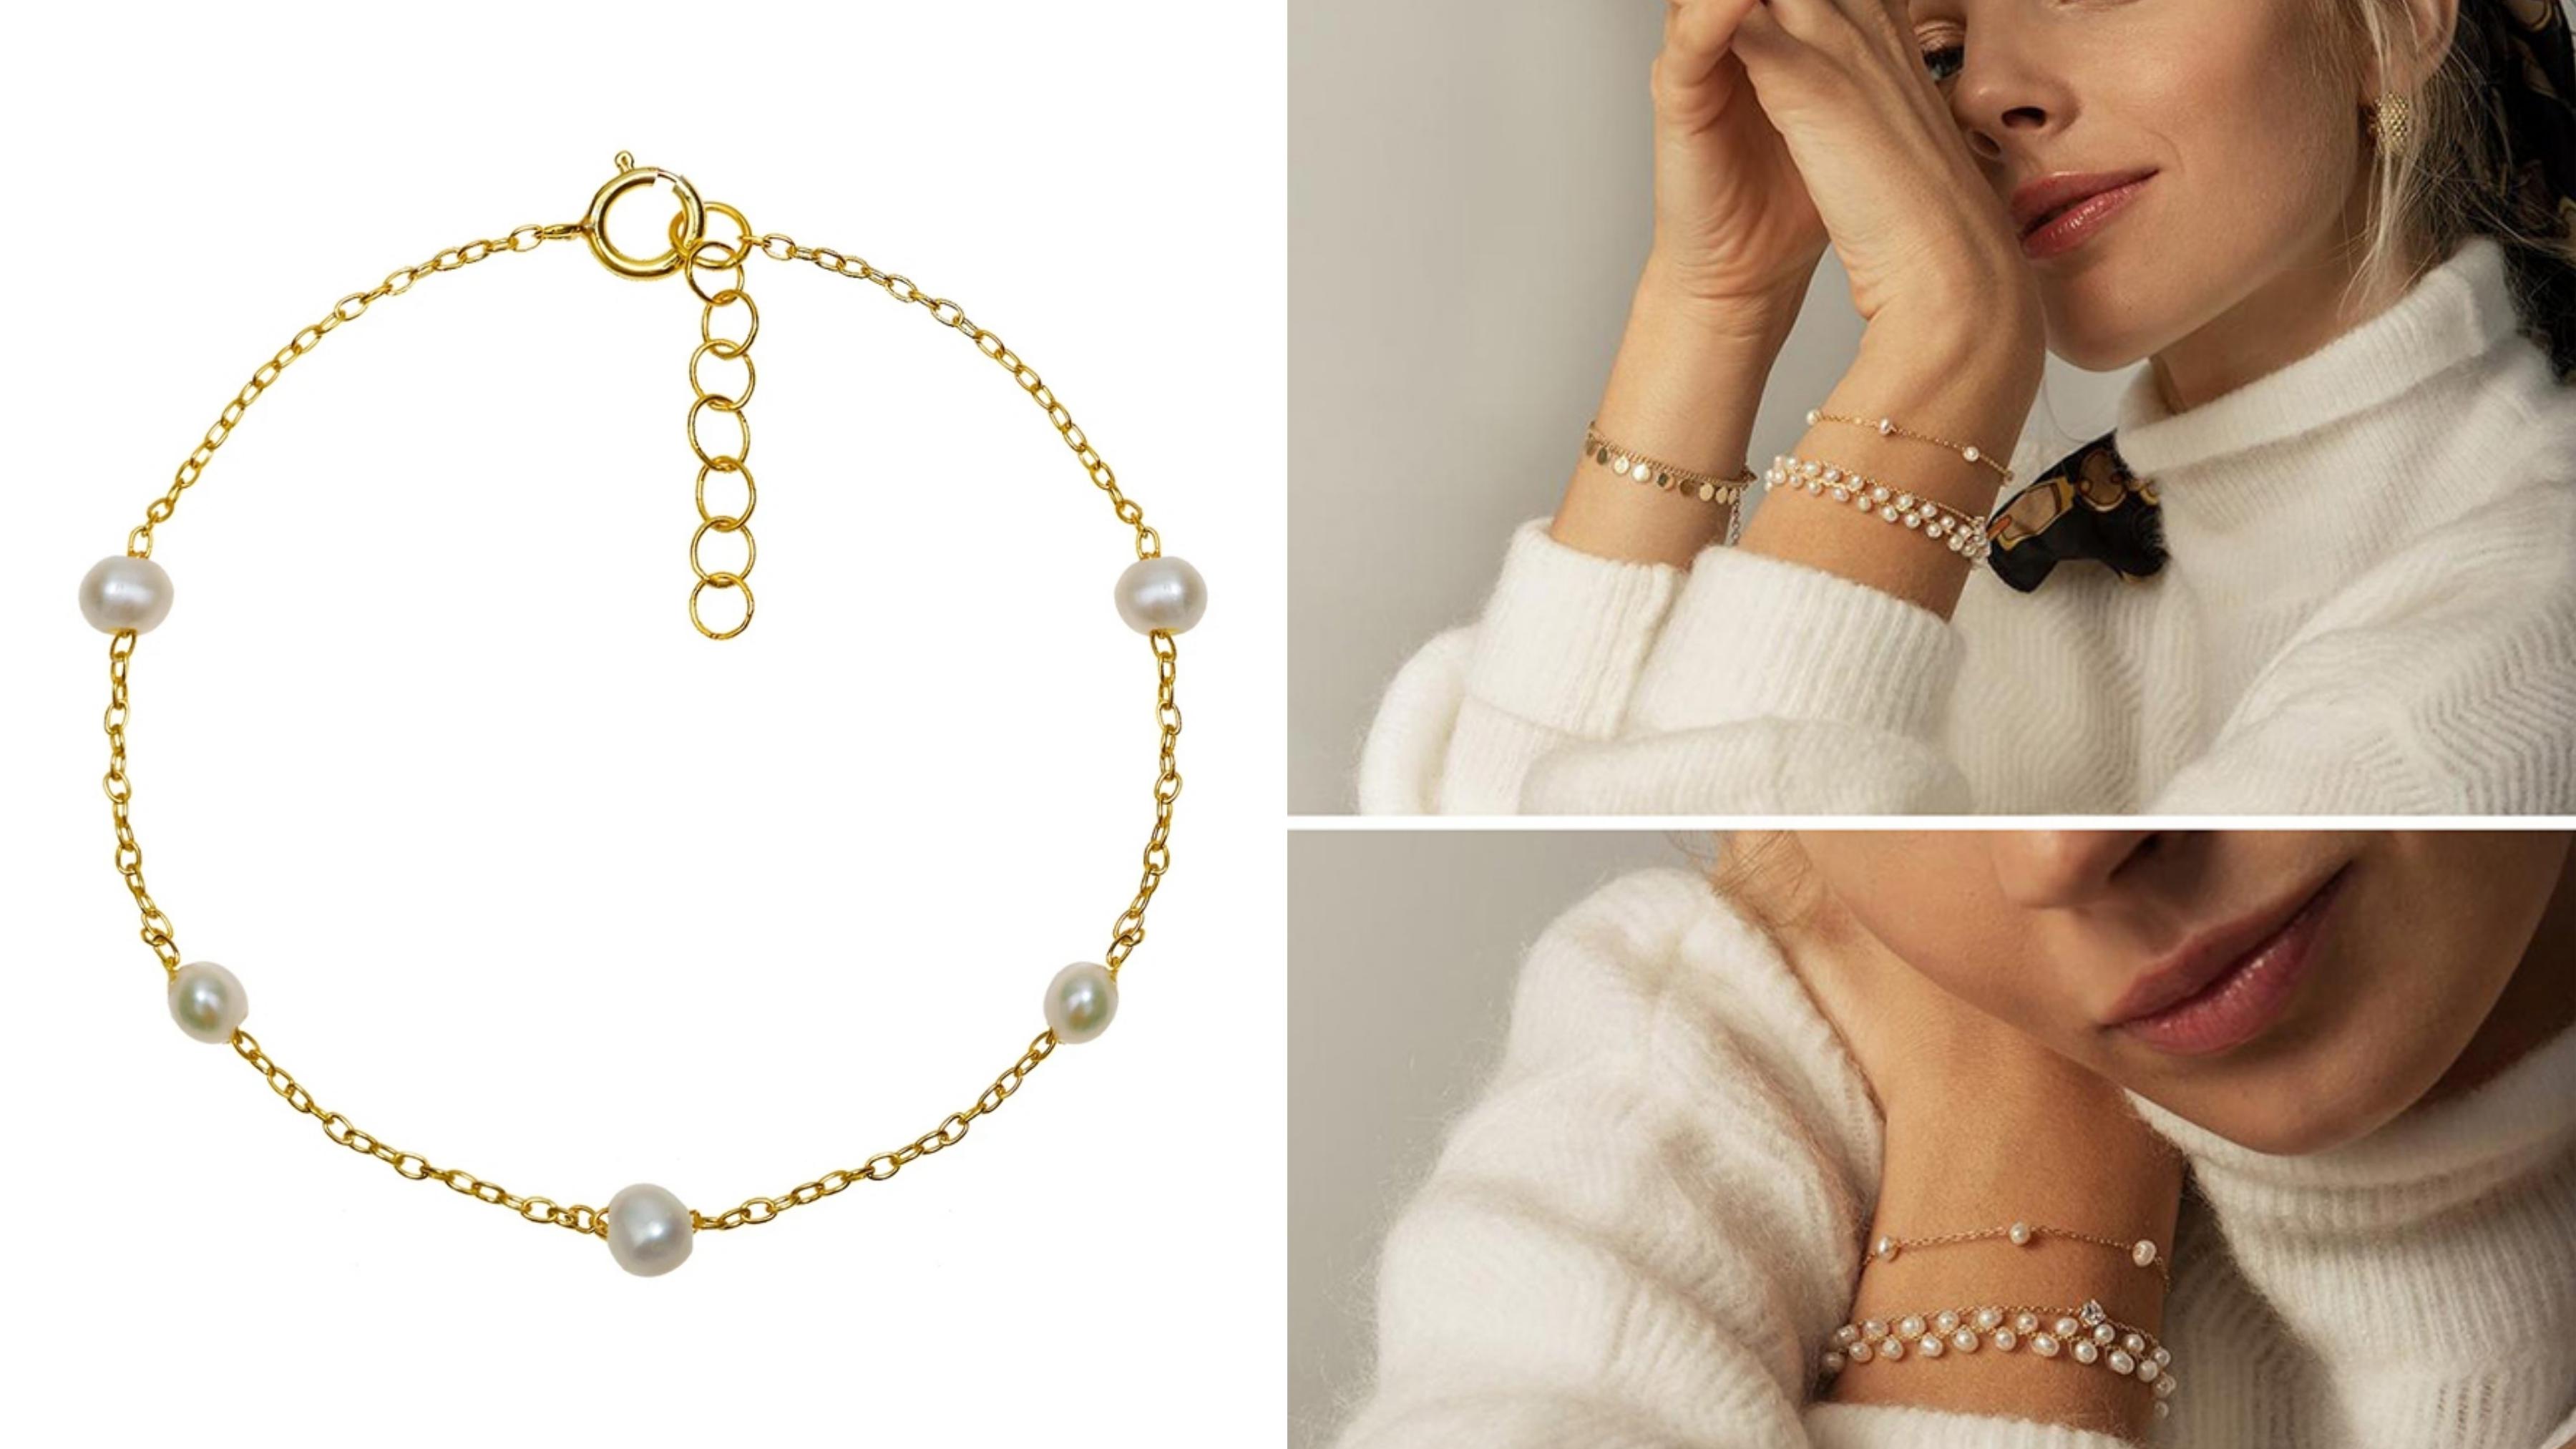 手鍊設計風格優雅簡約,珍珠拼接設計讓整體更活潑